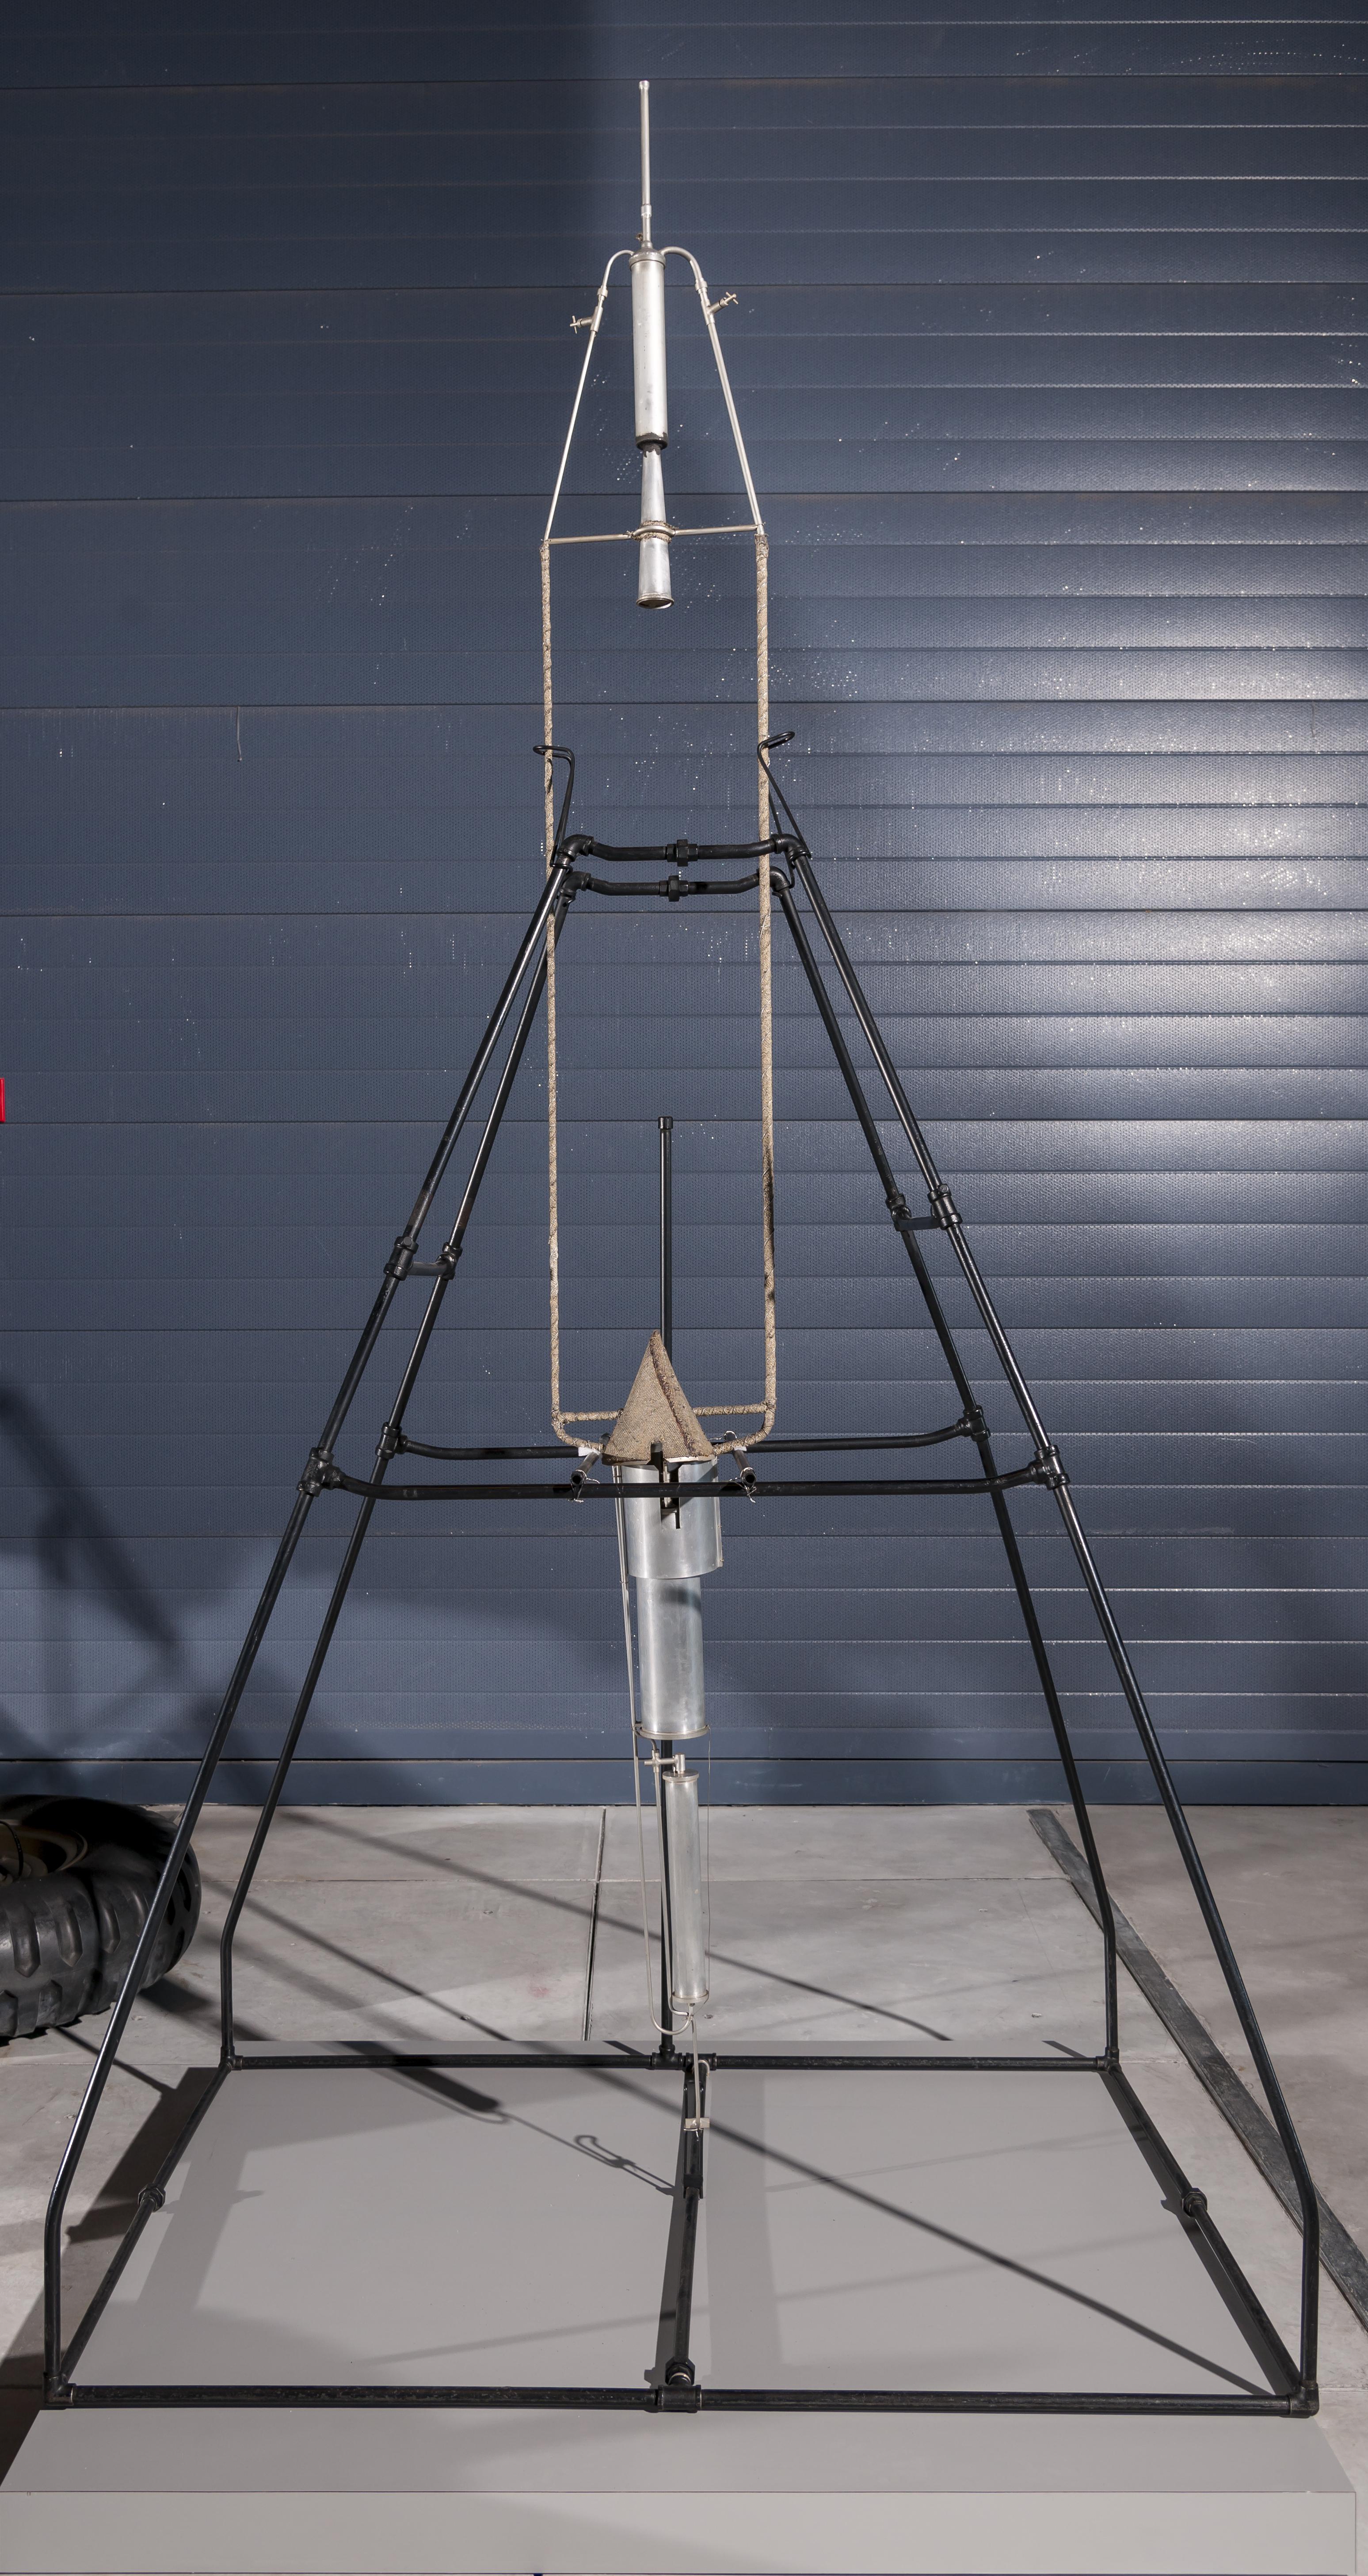 Goddard's March 1926 Rocket